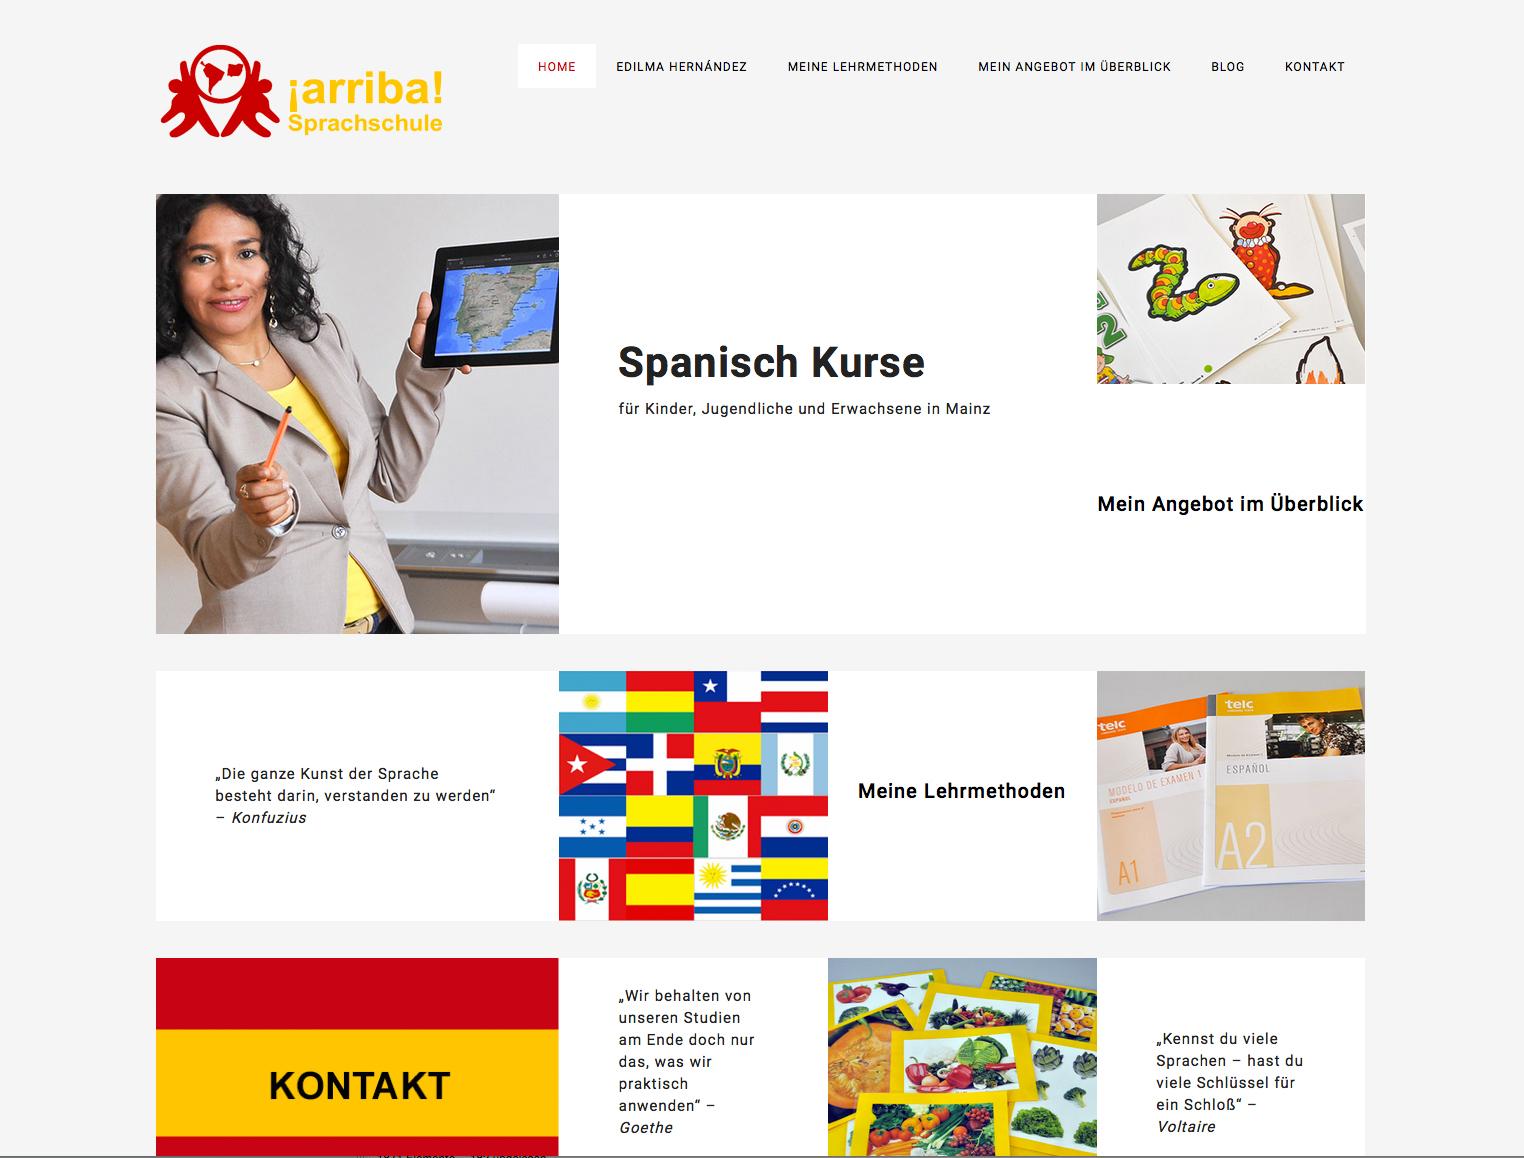 Edilma Hernández, Spanischkurse In Mainz